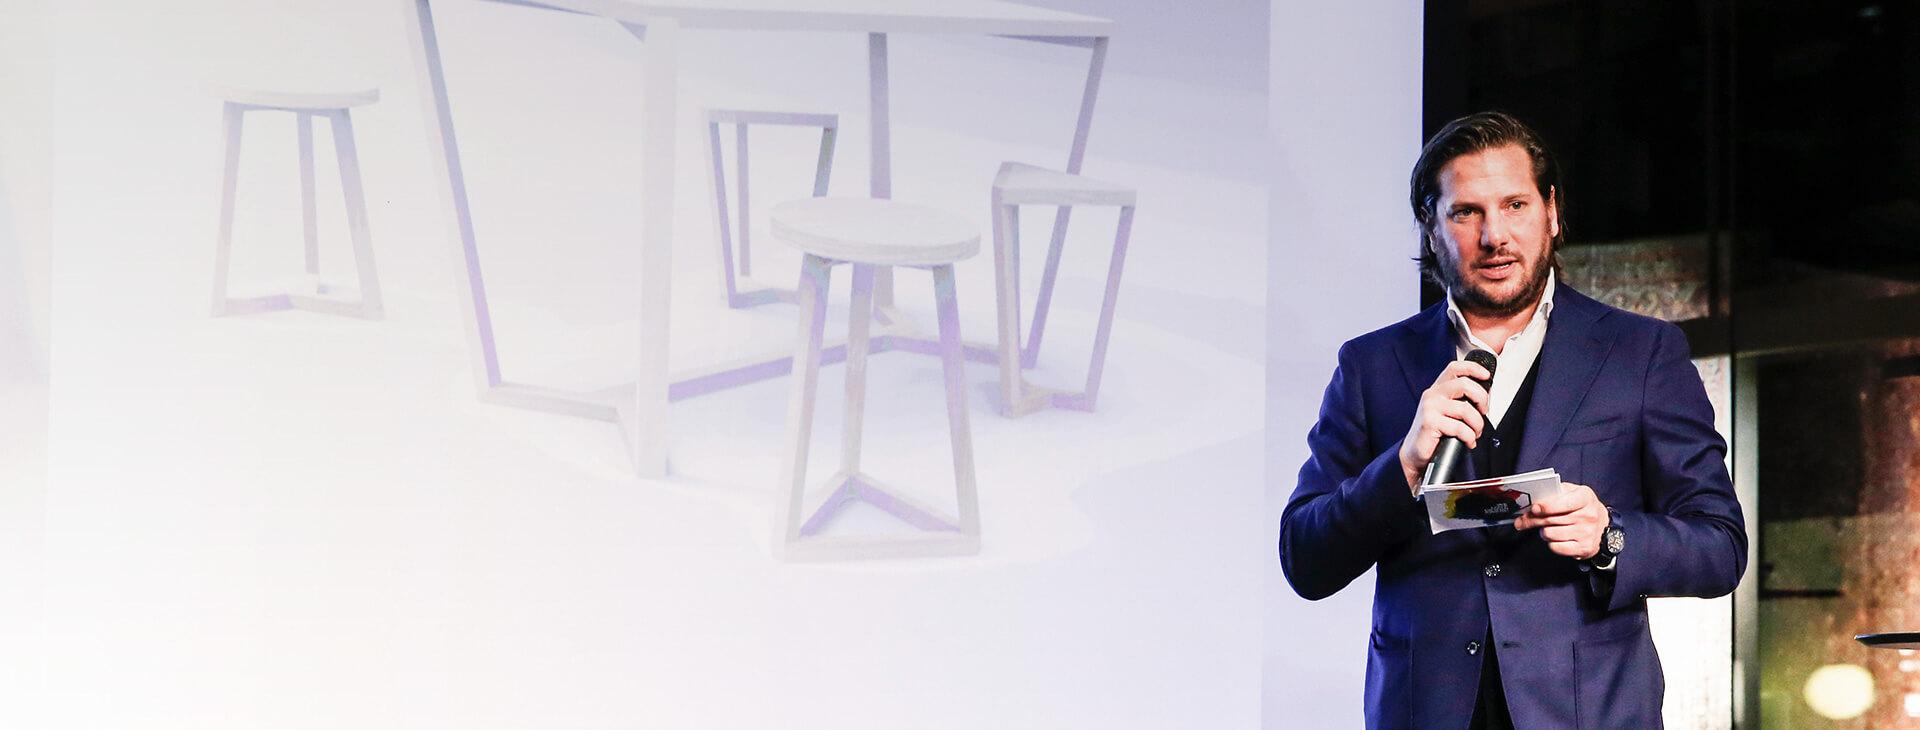 Einefragedesdesigns Alexander Garbe Stilwerk News